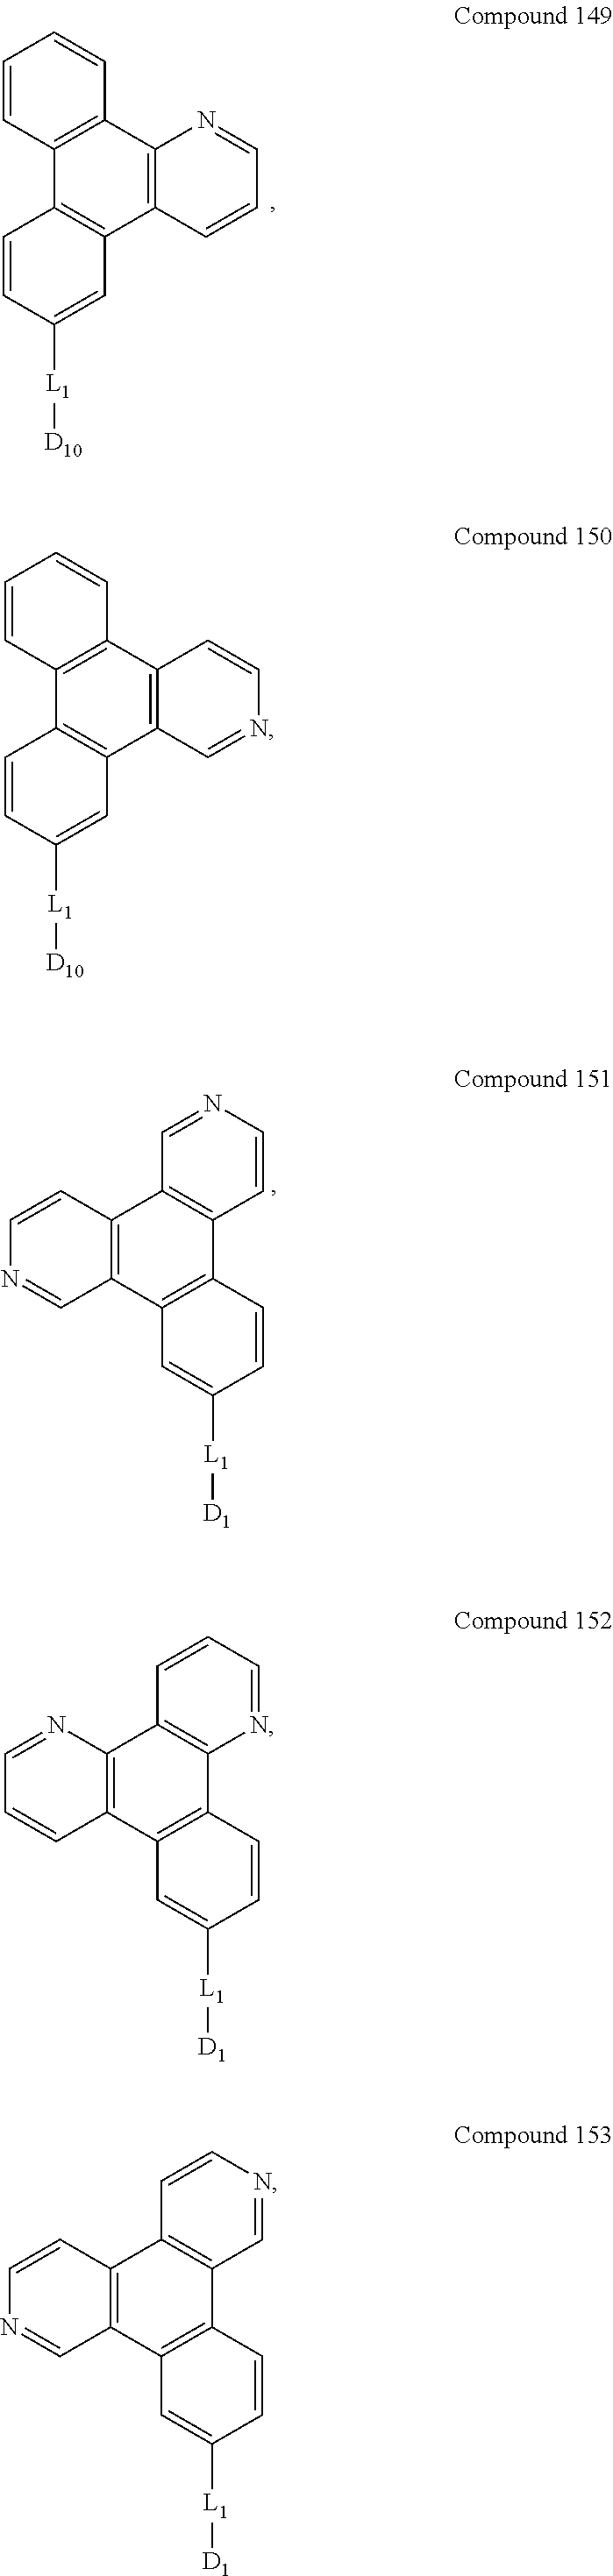 Figure US09537106-20170103-C00074